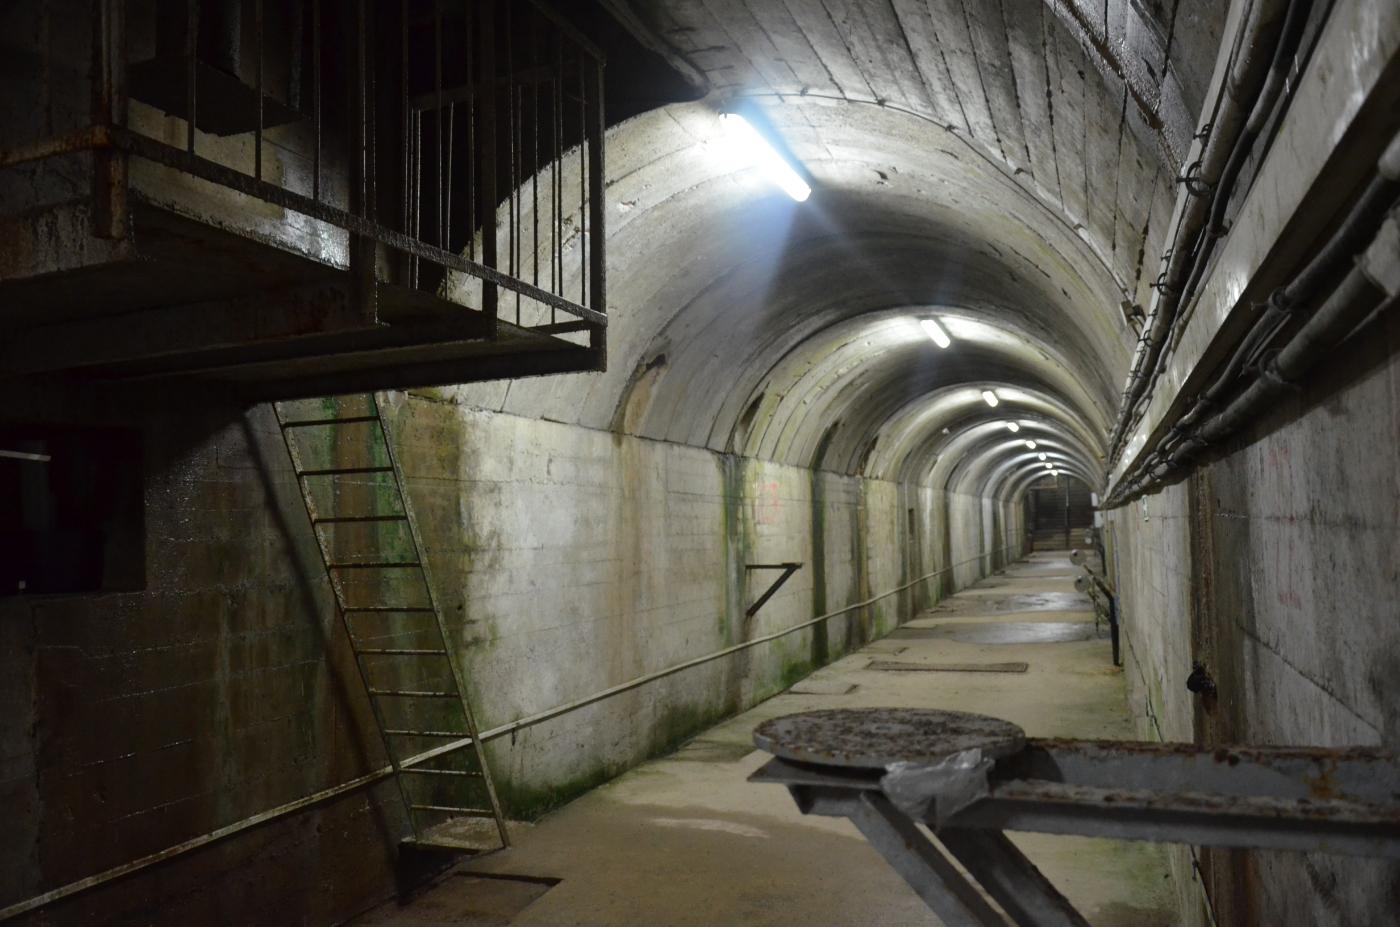 6 metrów pod dnem Soliny. Co kryje wnętrze Zapory Solińskiej? [ZDJĘCIA+WIDEO] - Zdjęcie główne